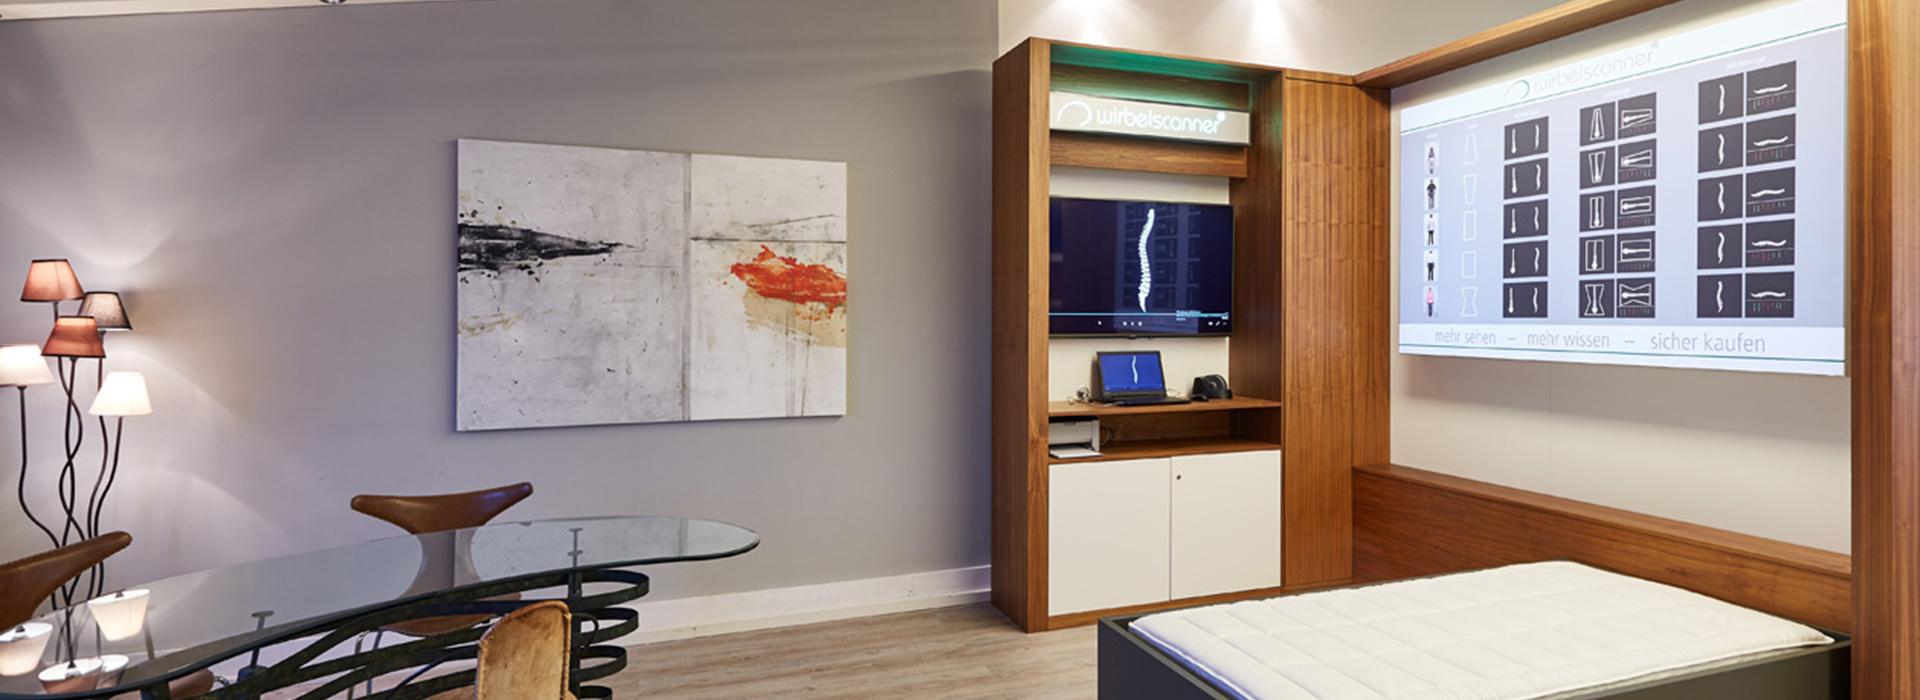 Zentrale Haßloch - Schlafberatung-zu-Hause-Bettenhaus-Horsch